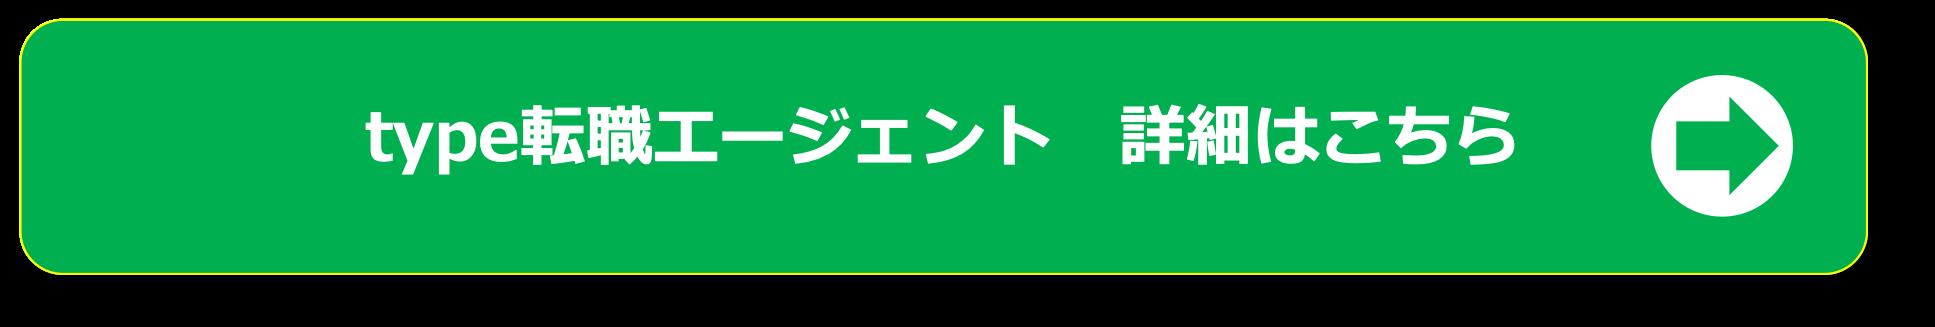 type転職エージェントボタン